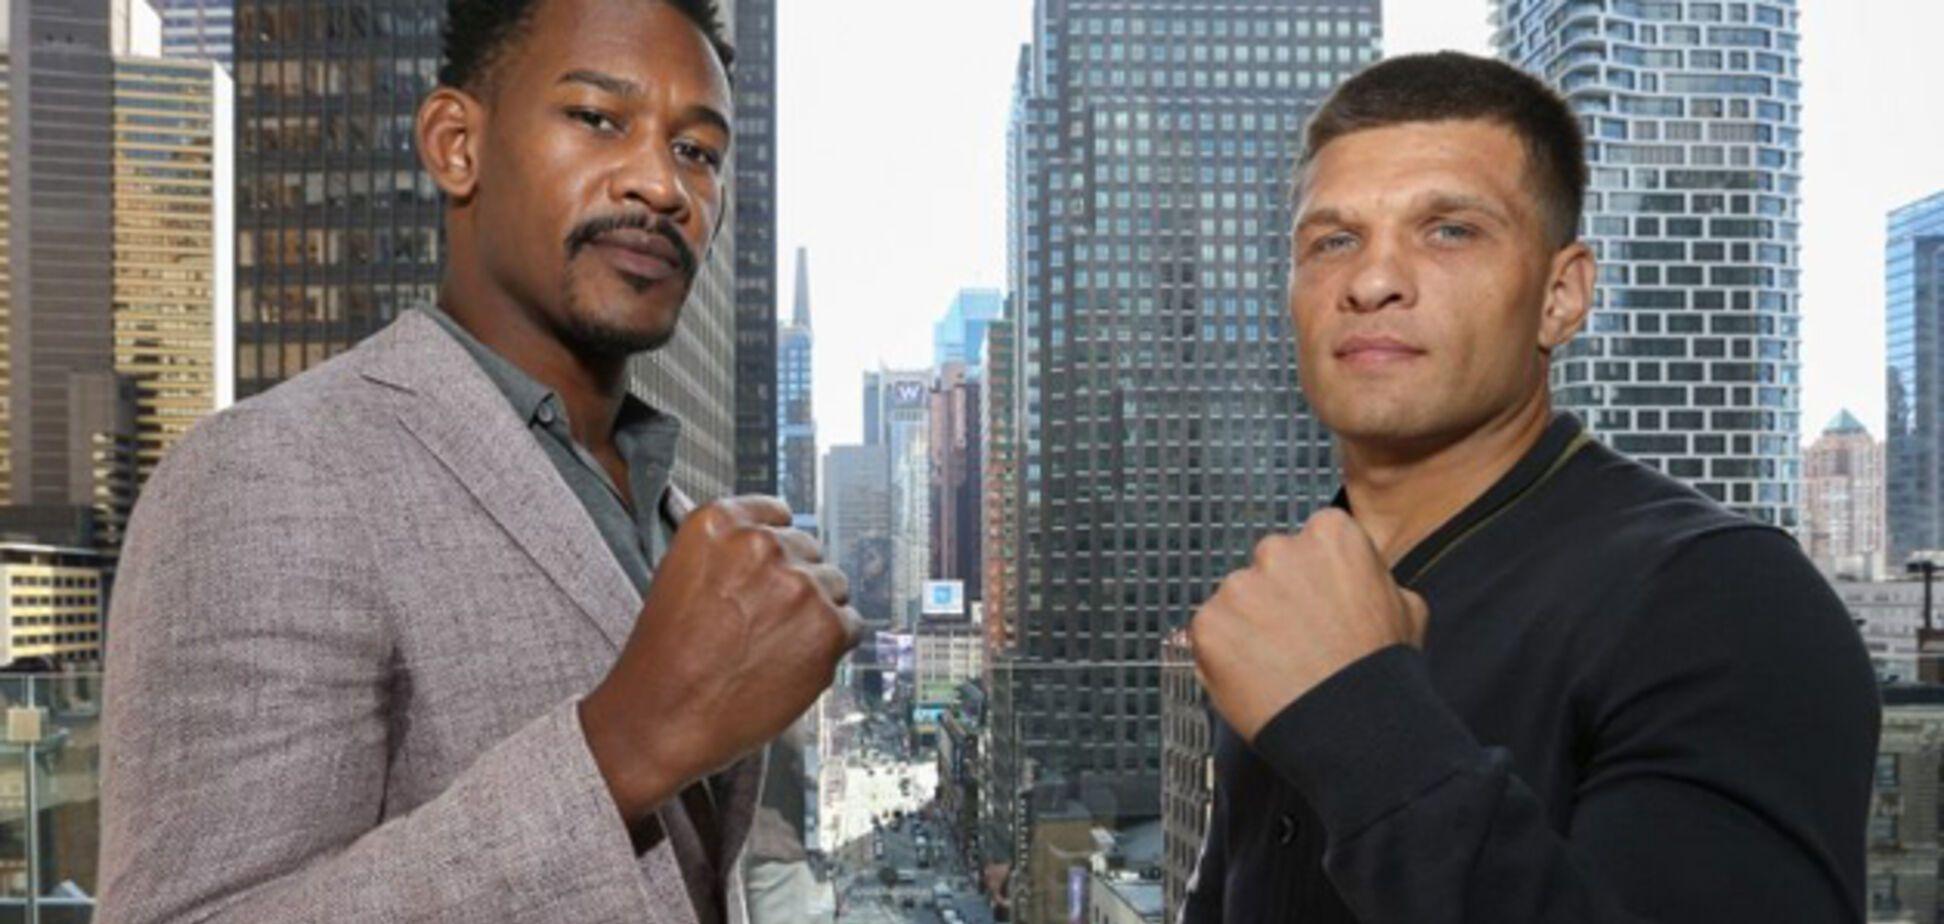 Телеканал 'Интер' опозорился с трансляцией чемпионского боя украинского боксера